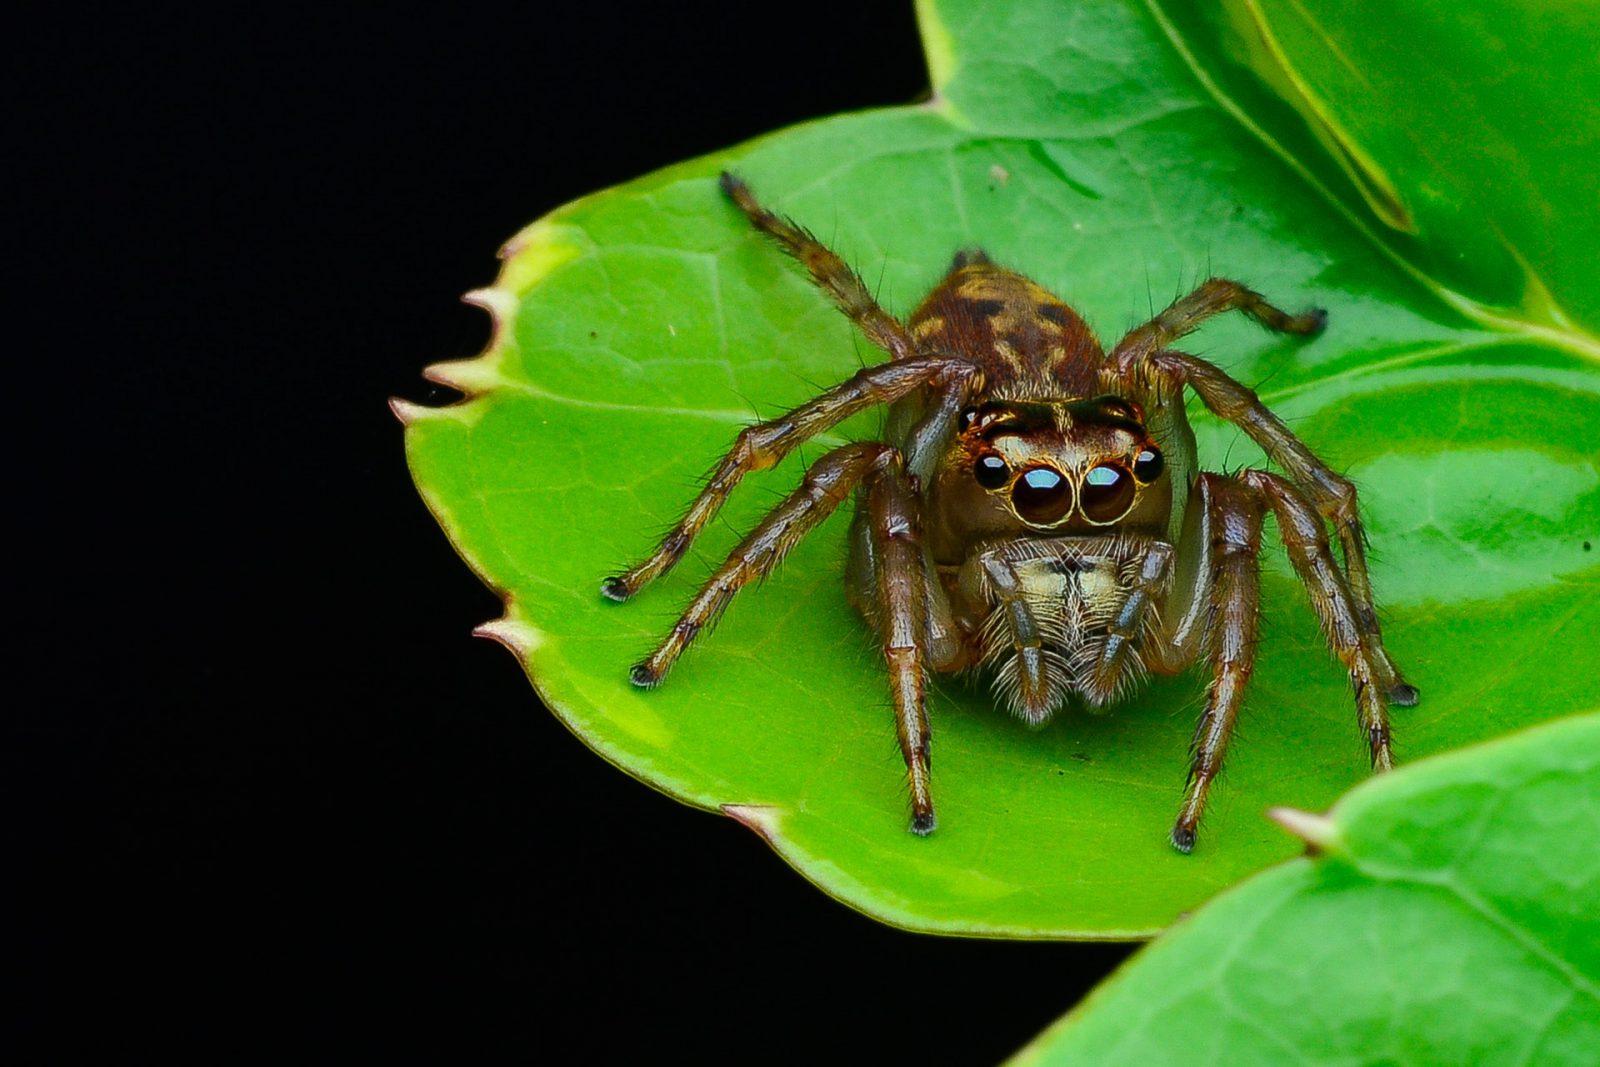 Sonhar com aranha marrom simboliza estresse.